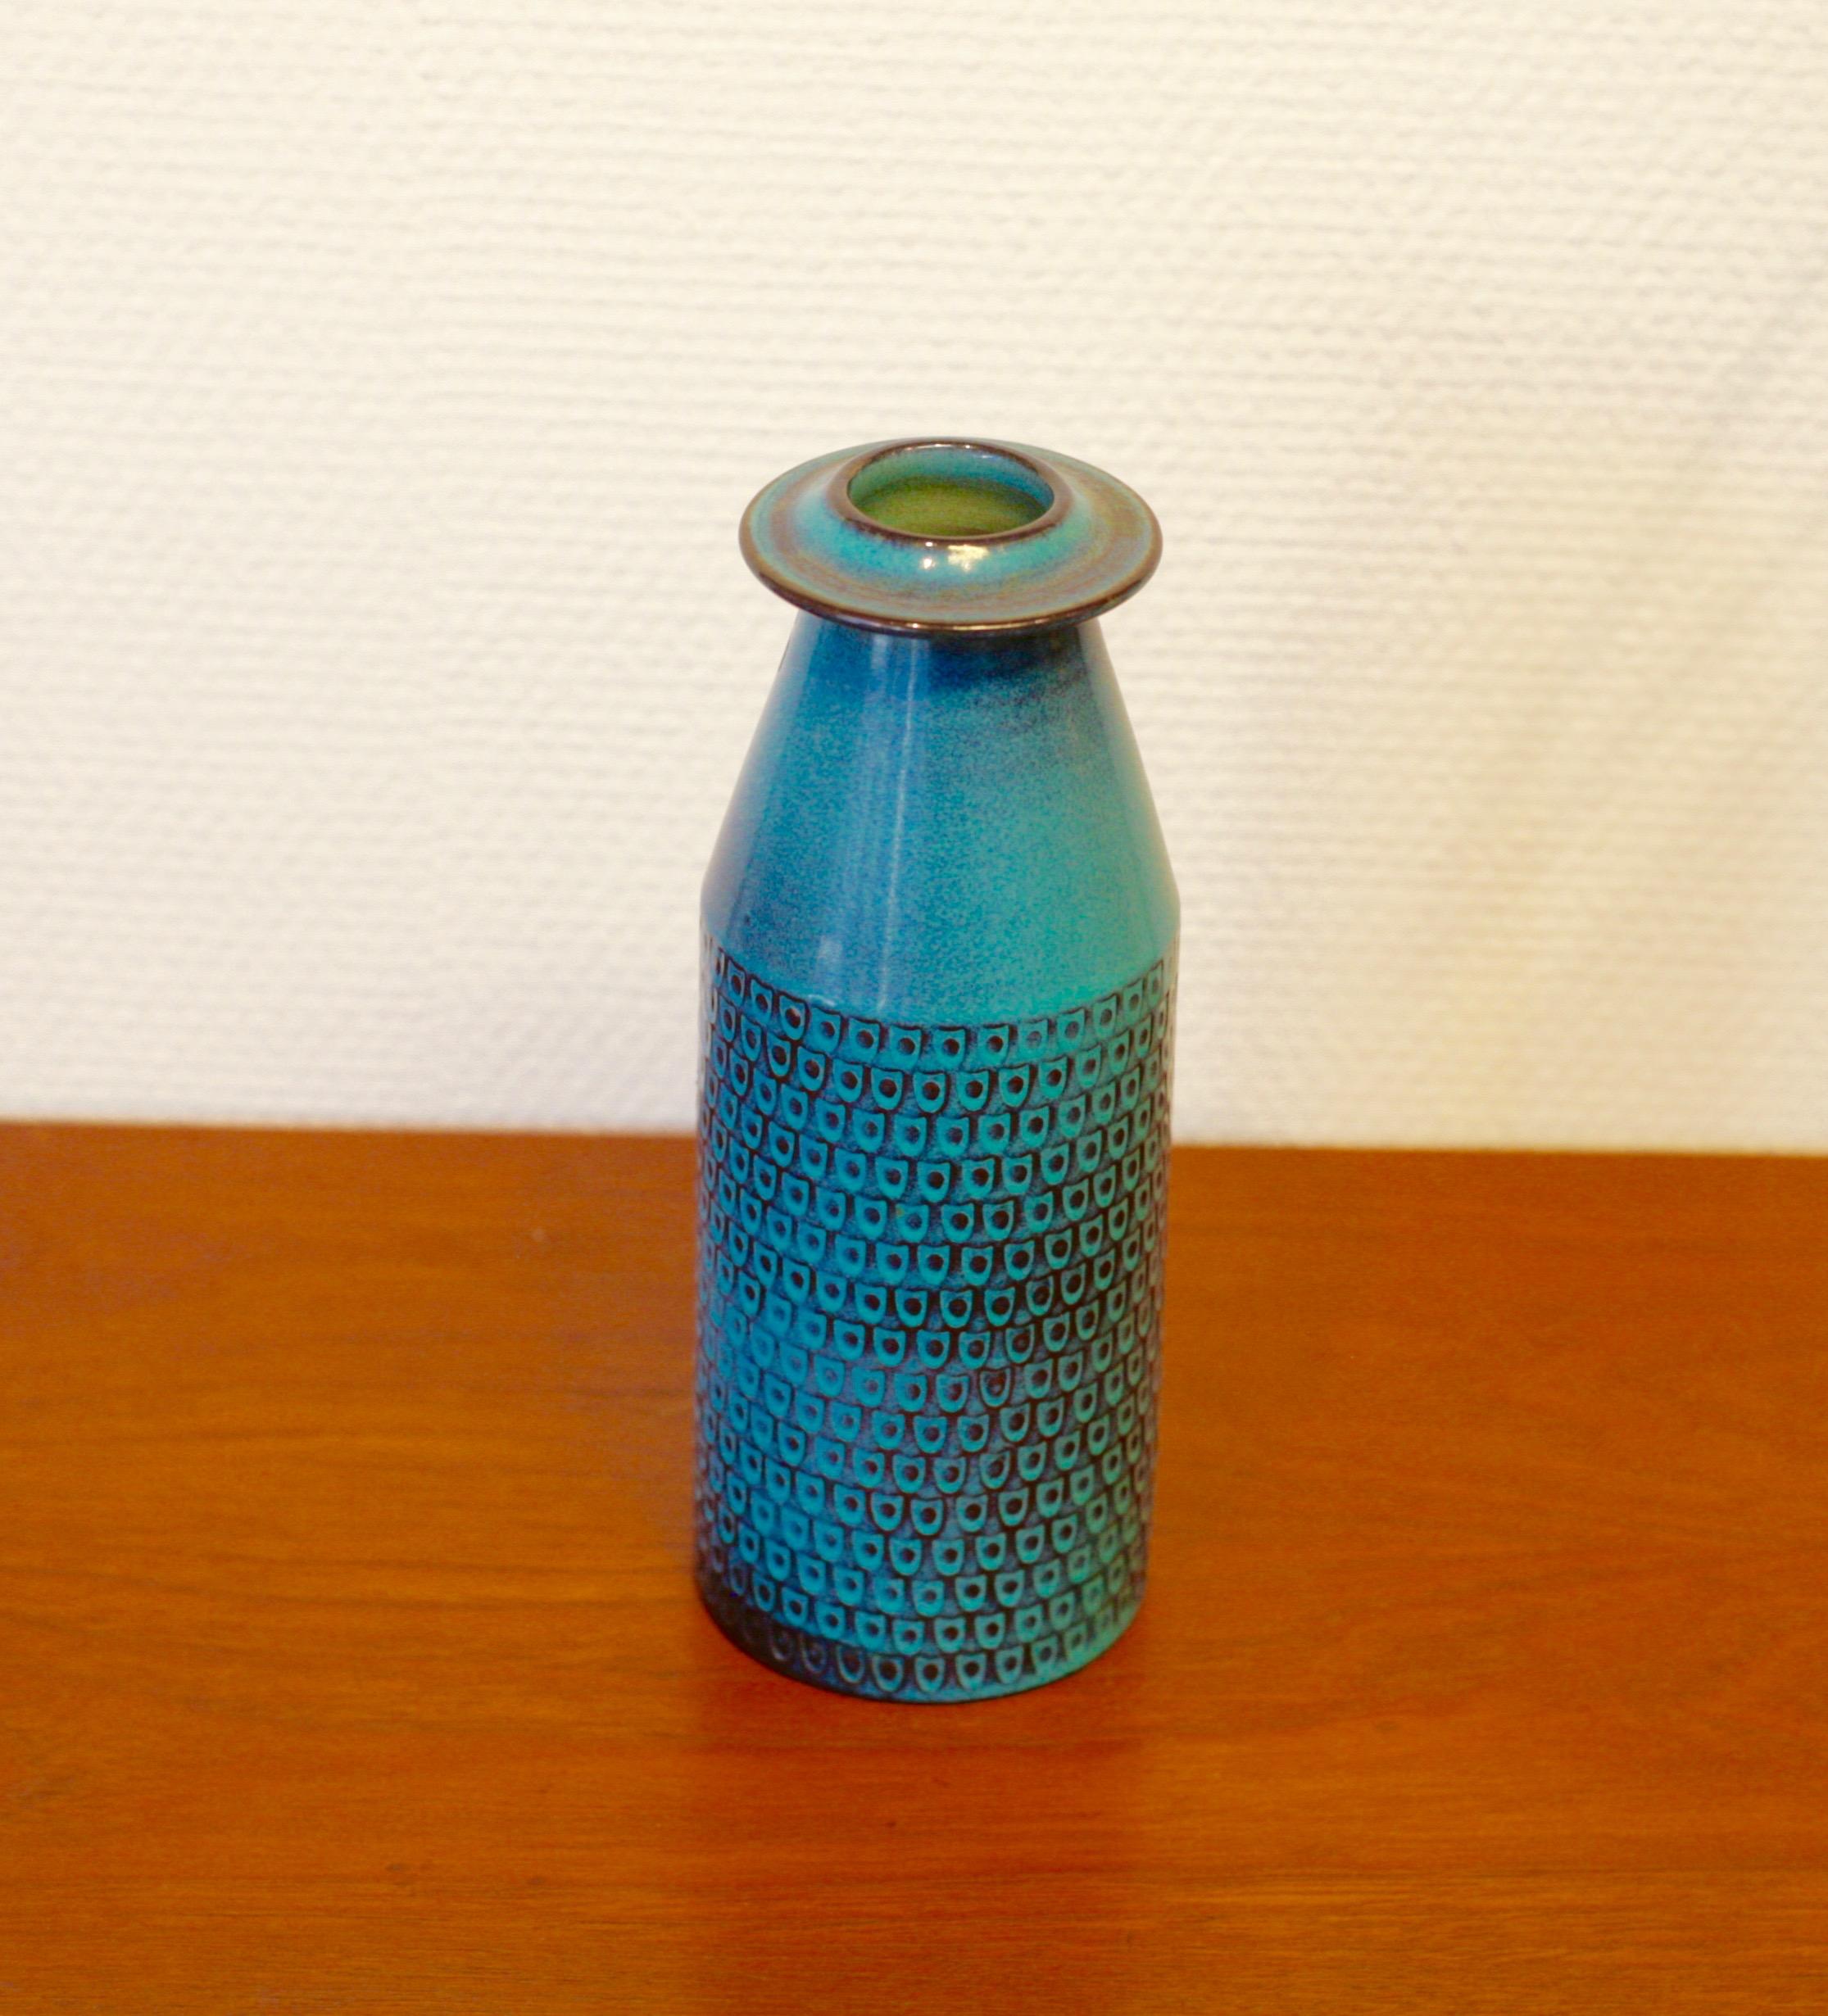 Ceramic vase by Stig Lindberg for Gustavsberg